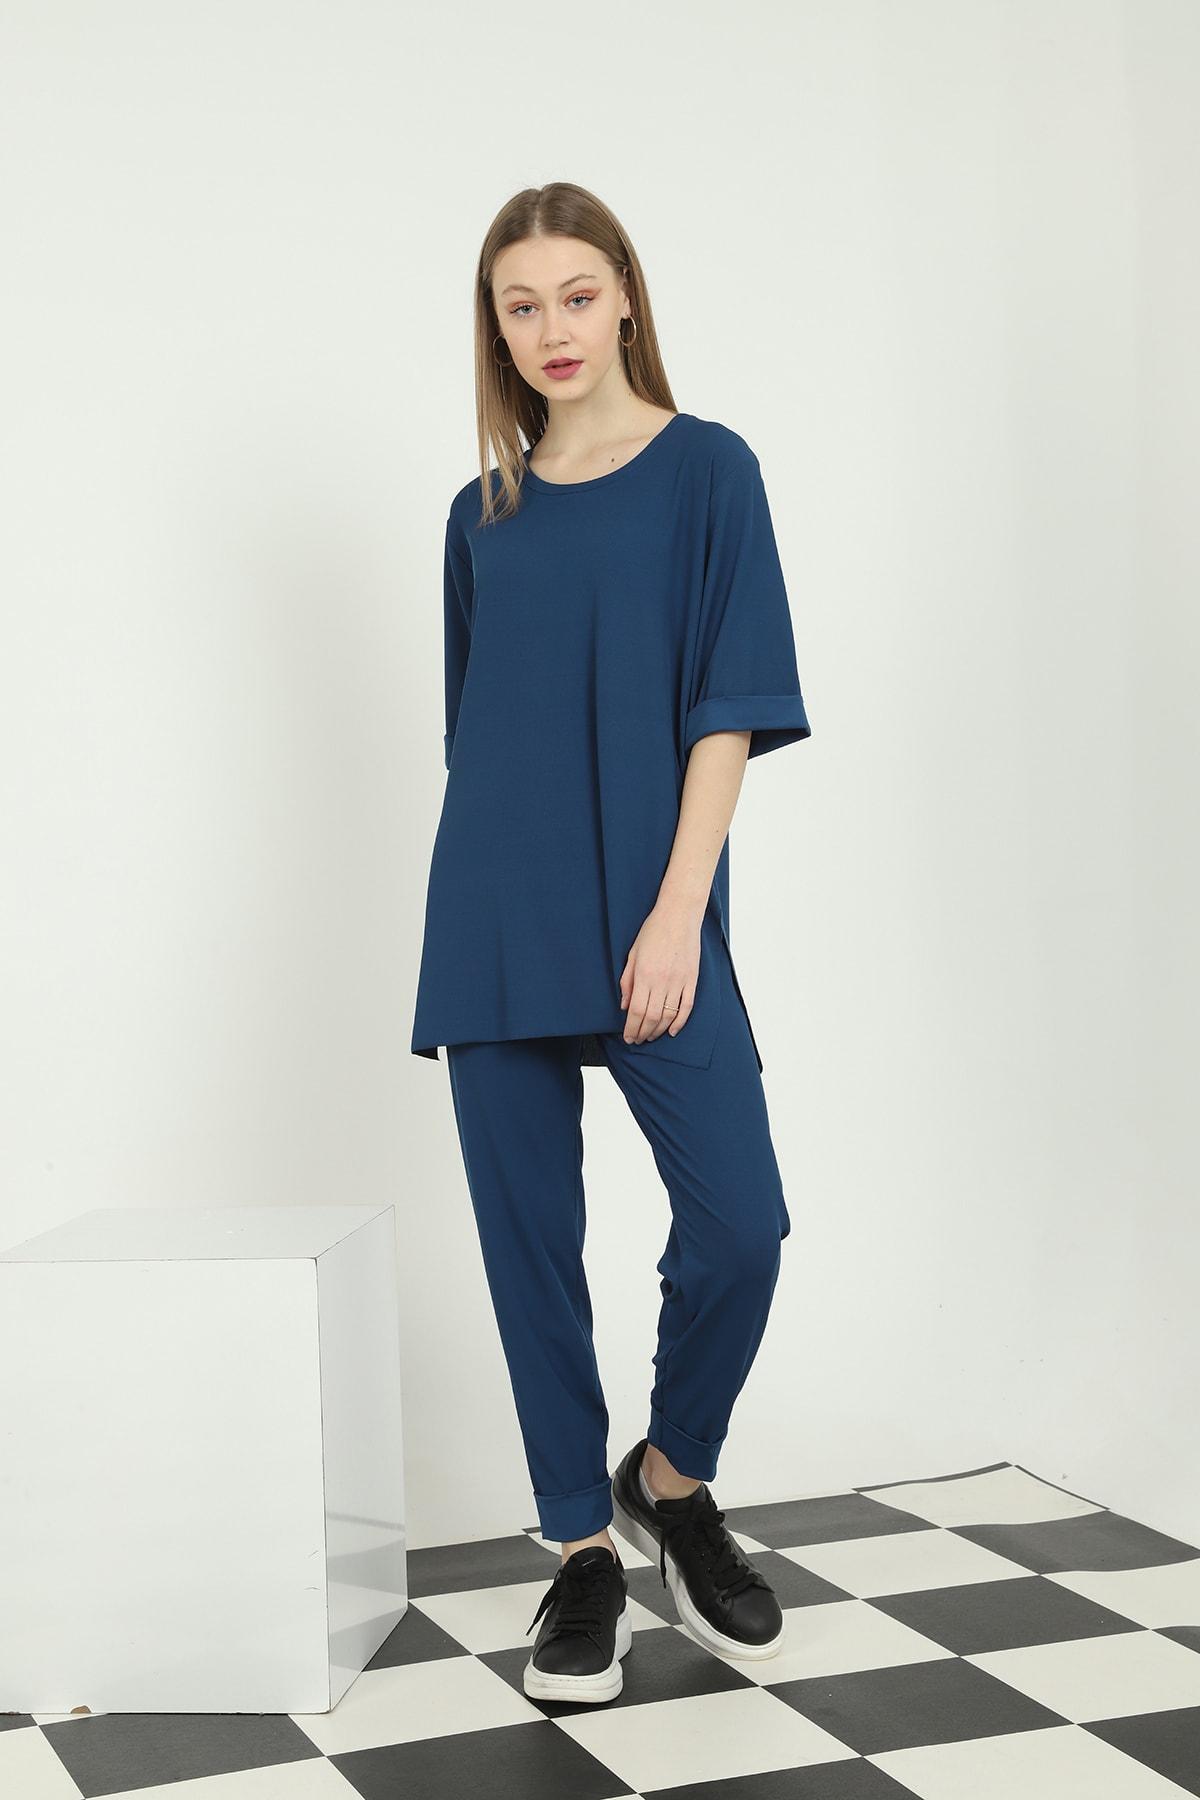 Makara Moda Oversize Yandan Yırtmaçlı Tişört Sigaret Beli Lastikli Pantolon Ikili Takım 2